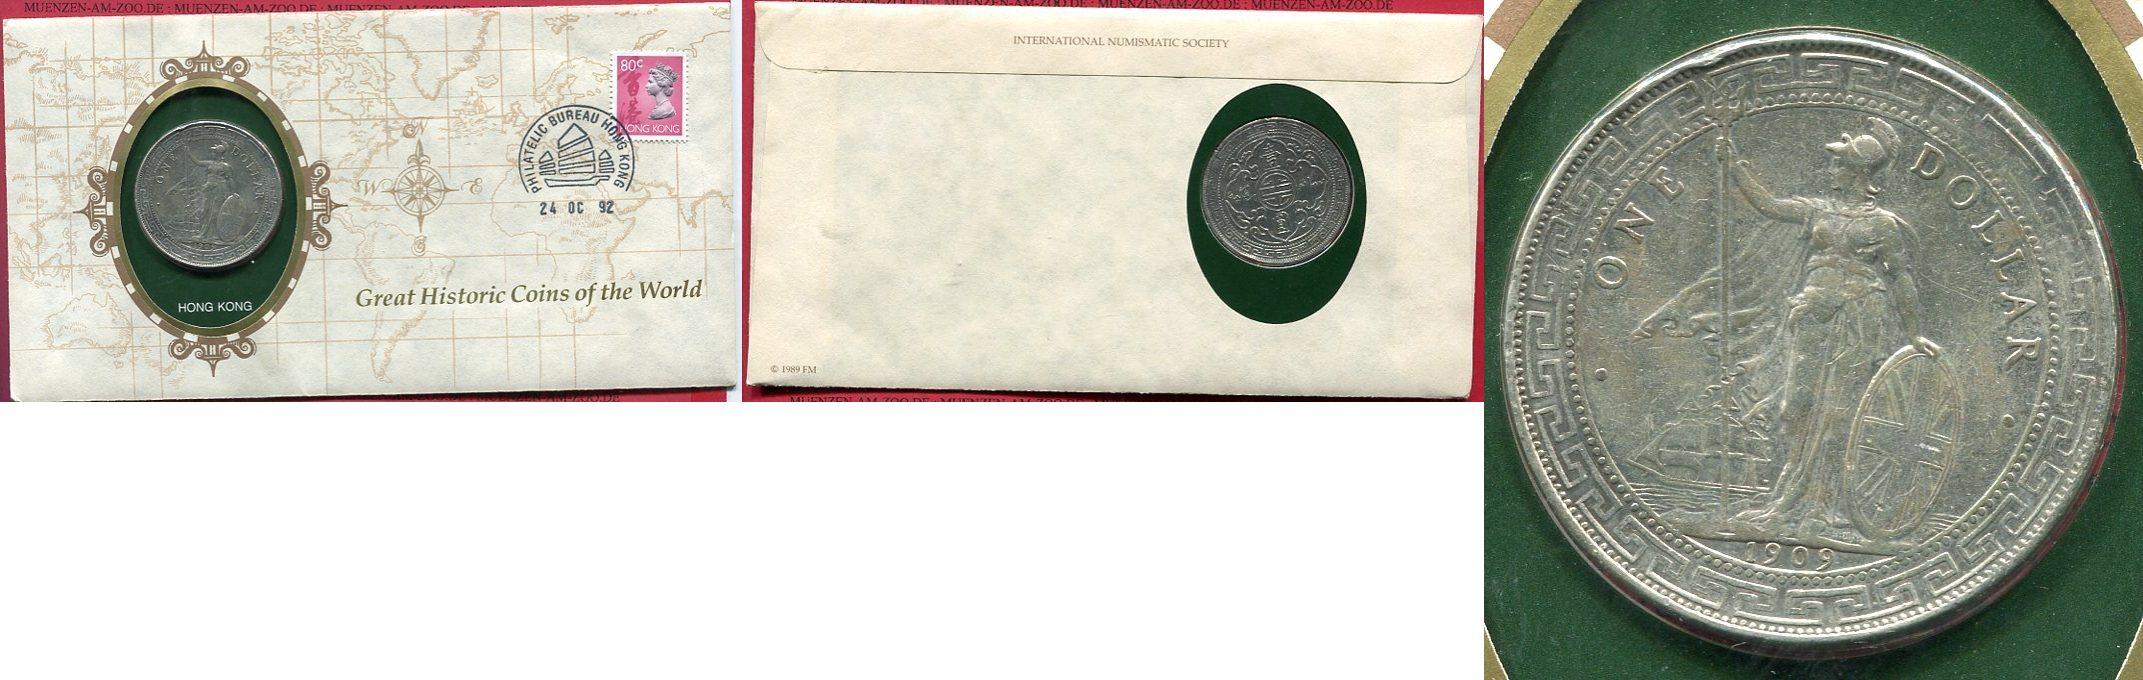 Trade Dollar Silbermünze 1909 England Großbritannien UK England Trade Dollar Silber 1909 Hong Kong Silber sehr schön kl. rdf. im Numisbrief